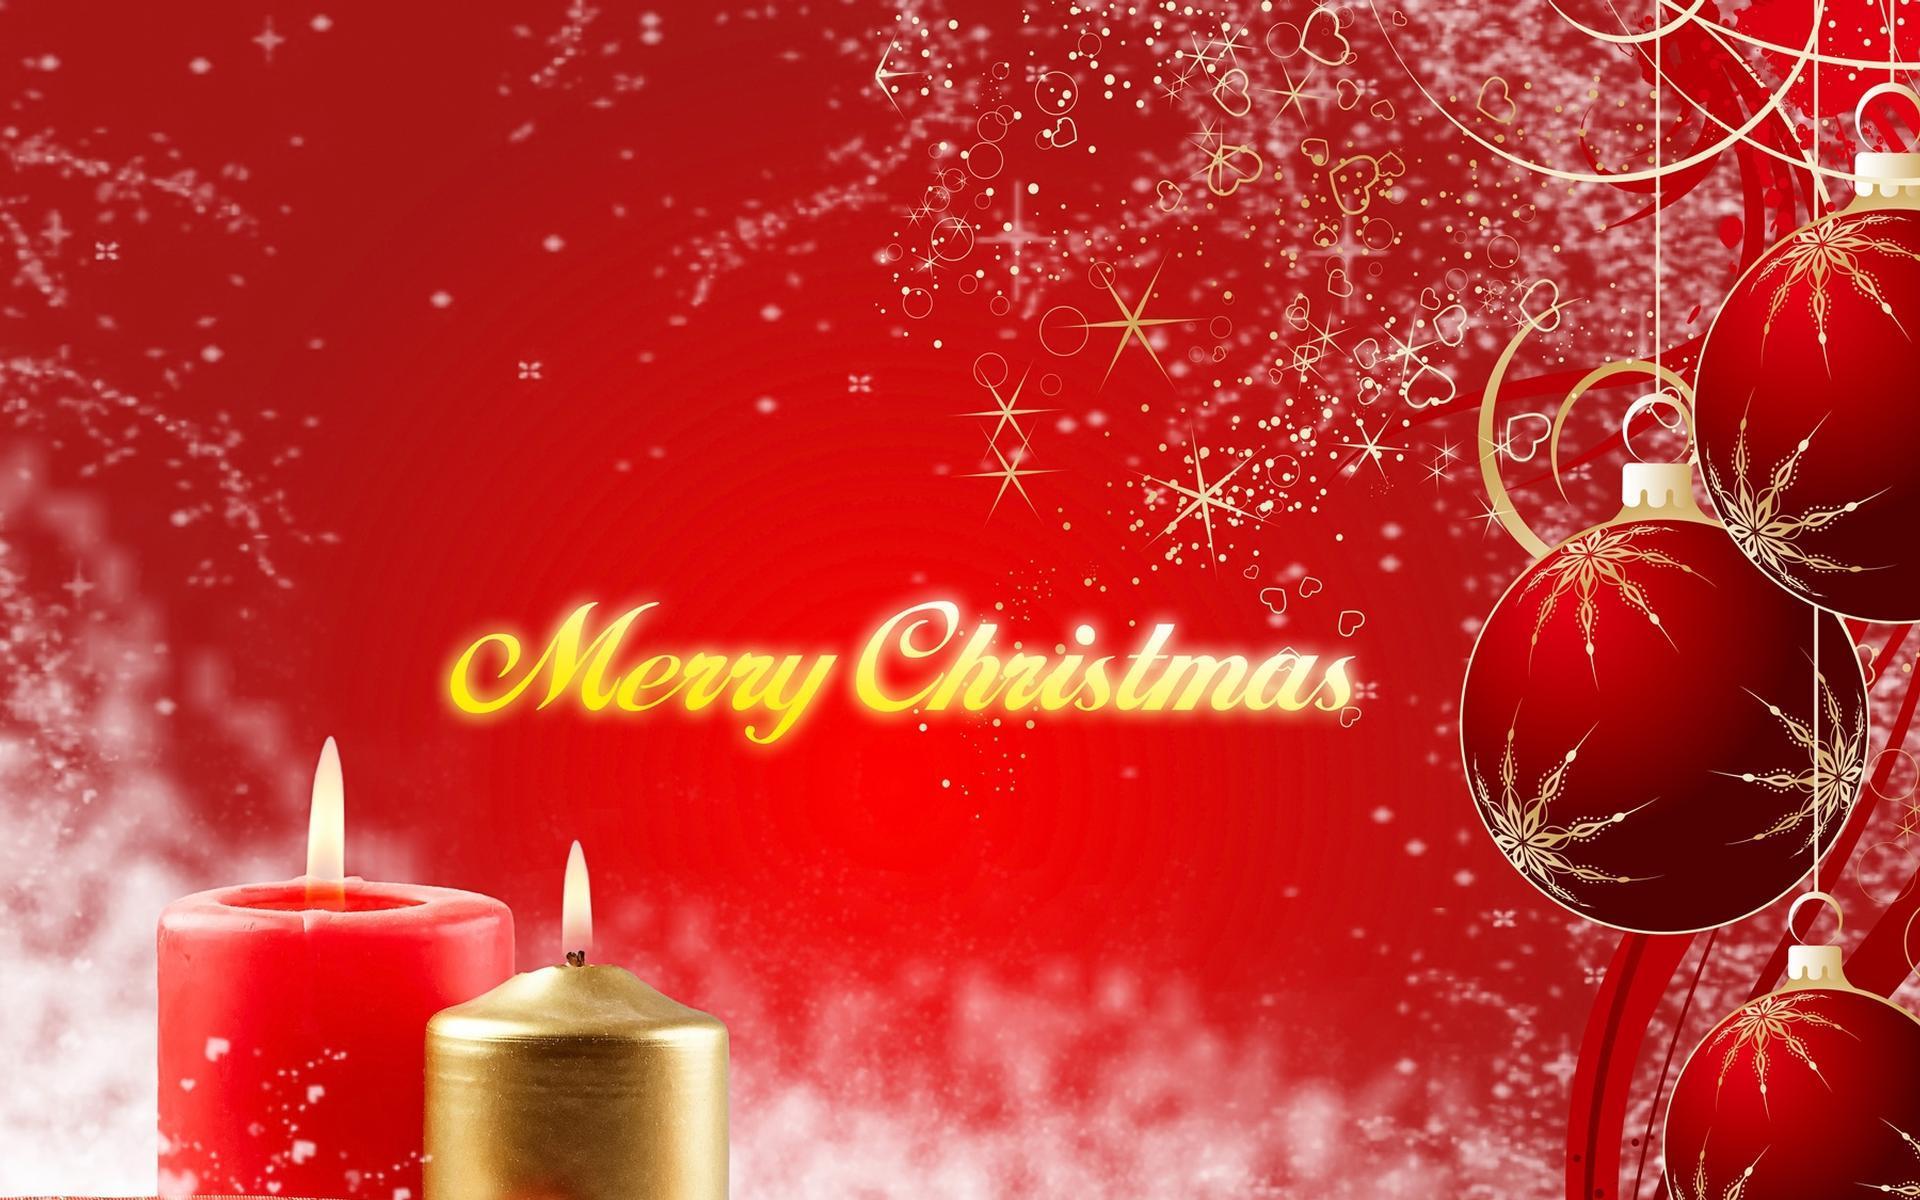 Счастливого Рождества - C Рождеством Христовым поздравительные картинки